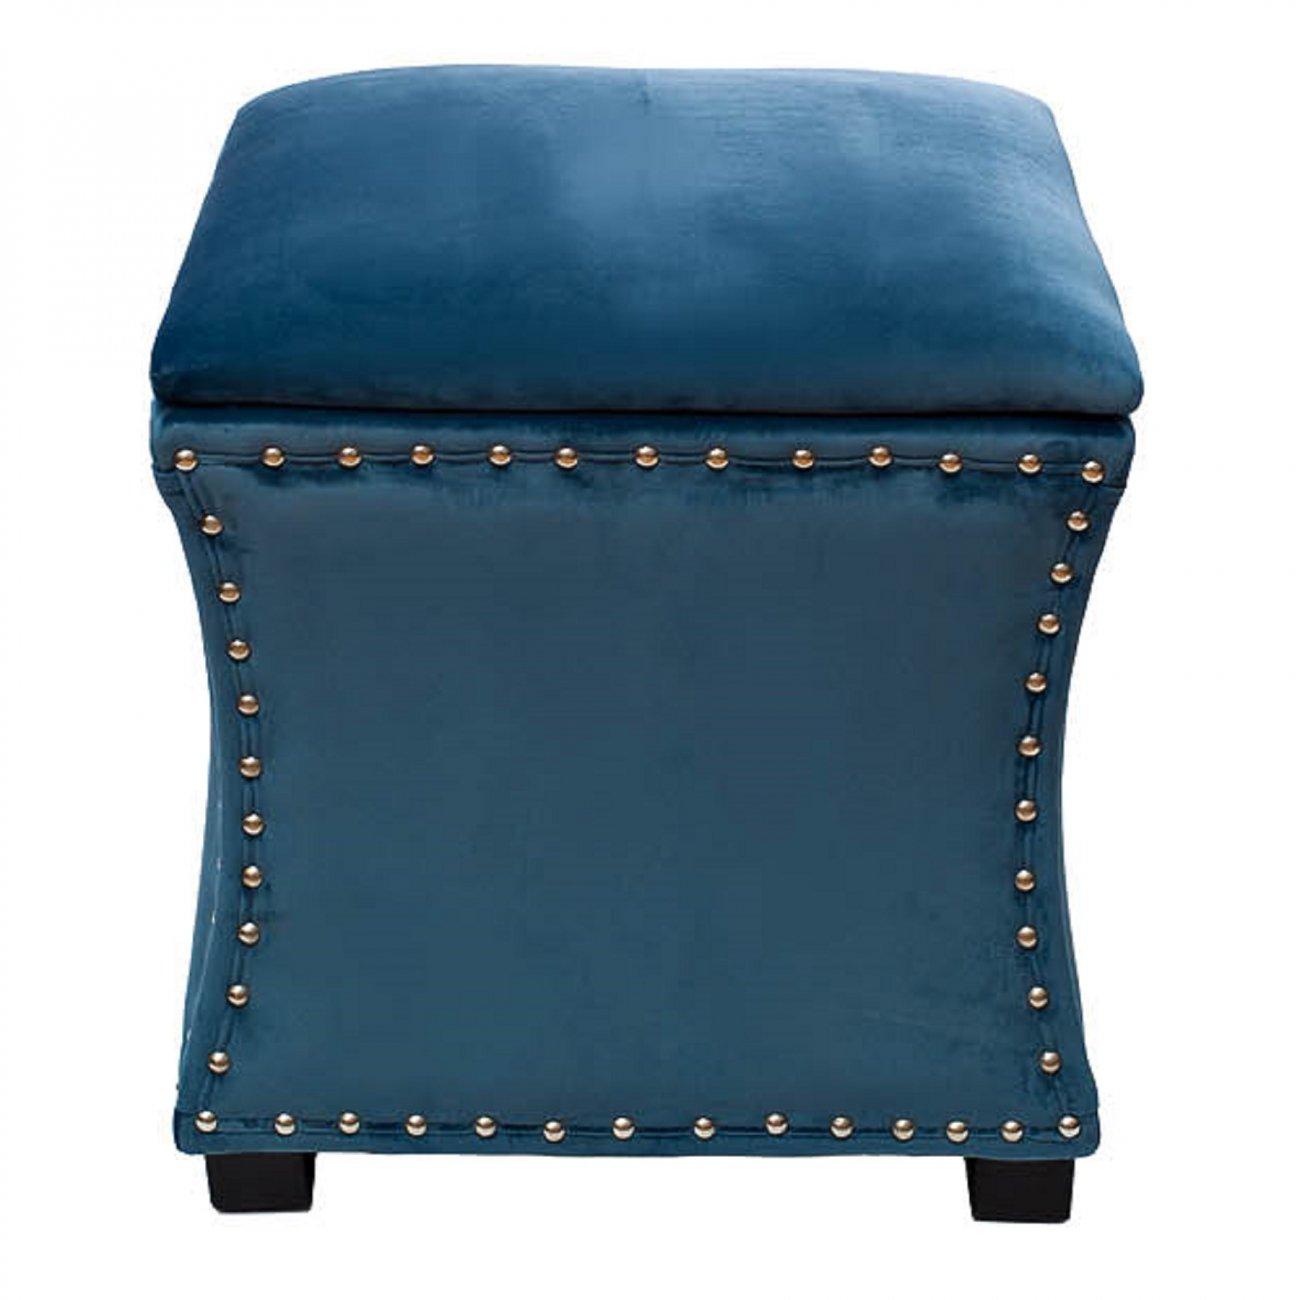 Купить Банкетка с крышкой Surprise Синяя в интернет магазине дизайнерской мебели и аксессуаров для дома и дачи